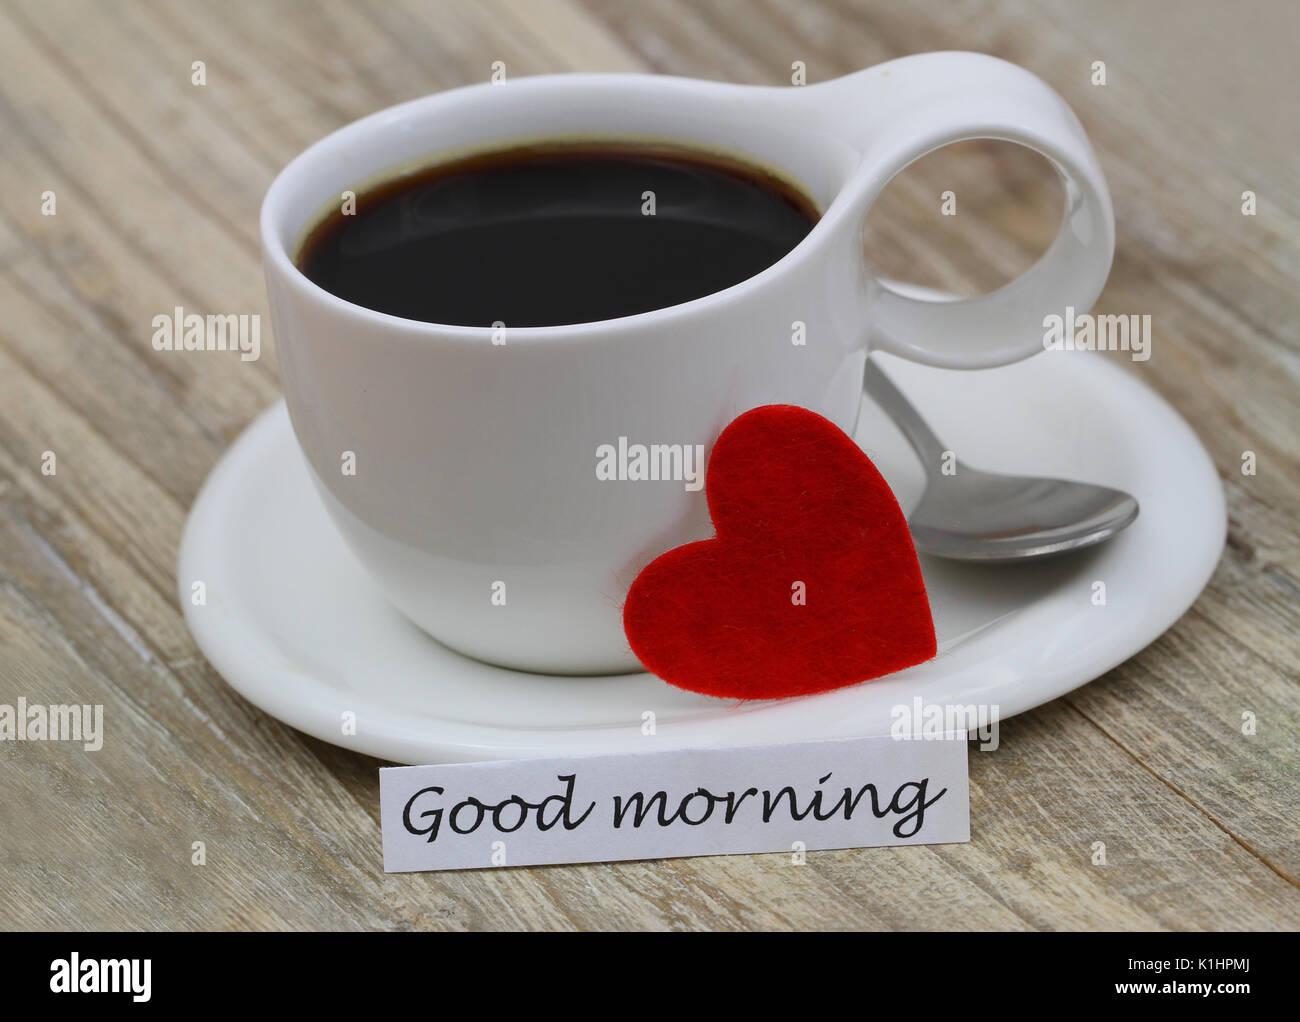 guten morgen karte mit tasse schwarzen kaffee und roten herzen stockfoto bild 155898978 alamy. Black Bedroom Furniture Sets. Home Design Ideas